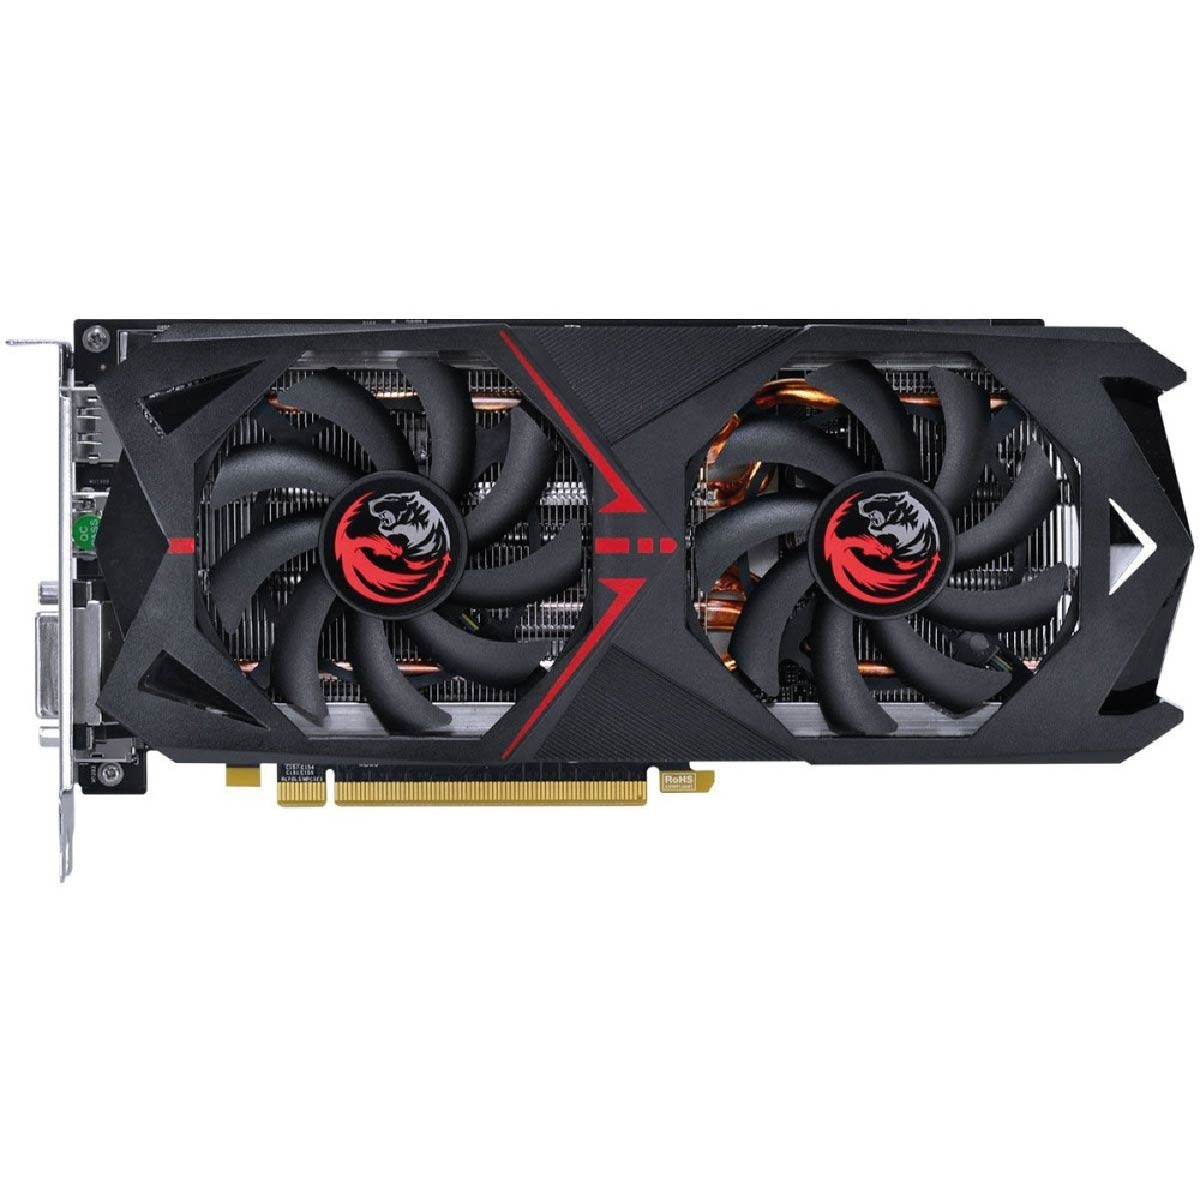 GPU RX 570 4GB GDDR5 256 BITS DUAL FAN - GRAFFITI SERIES - PJRX570G5256